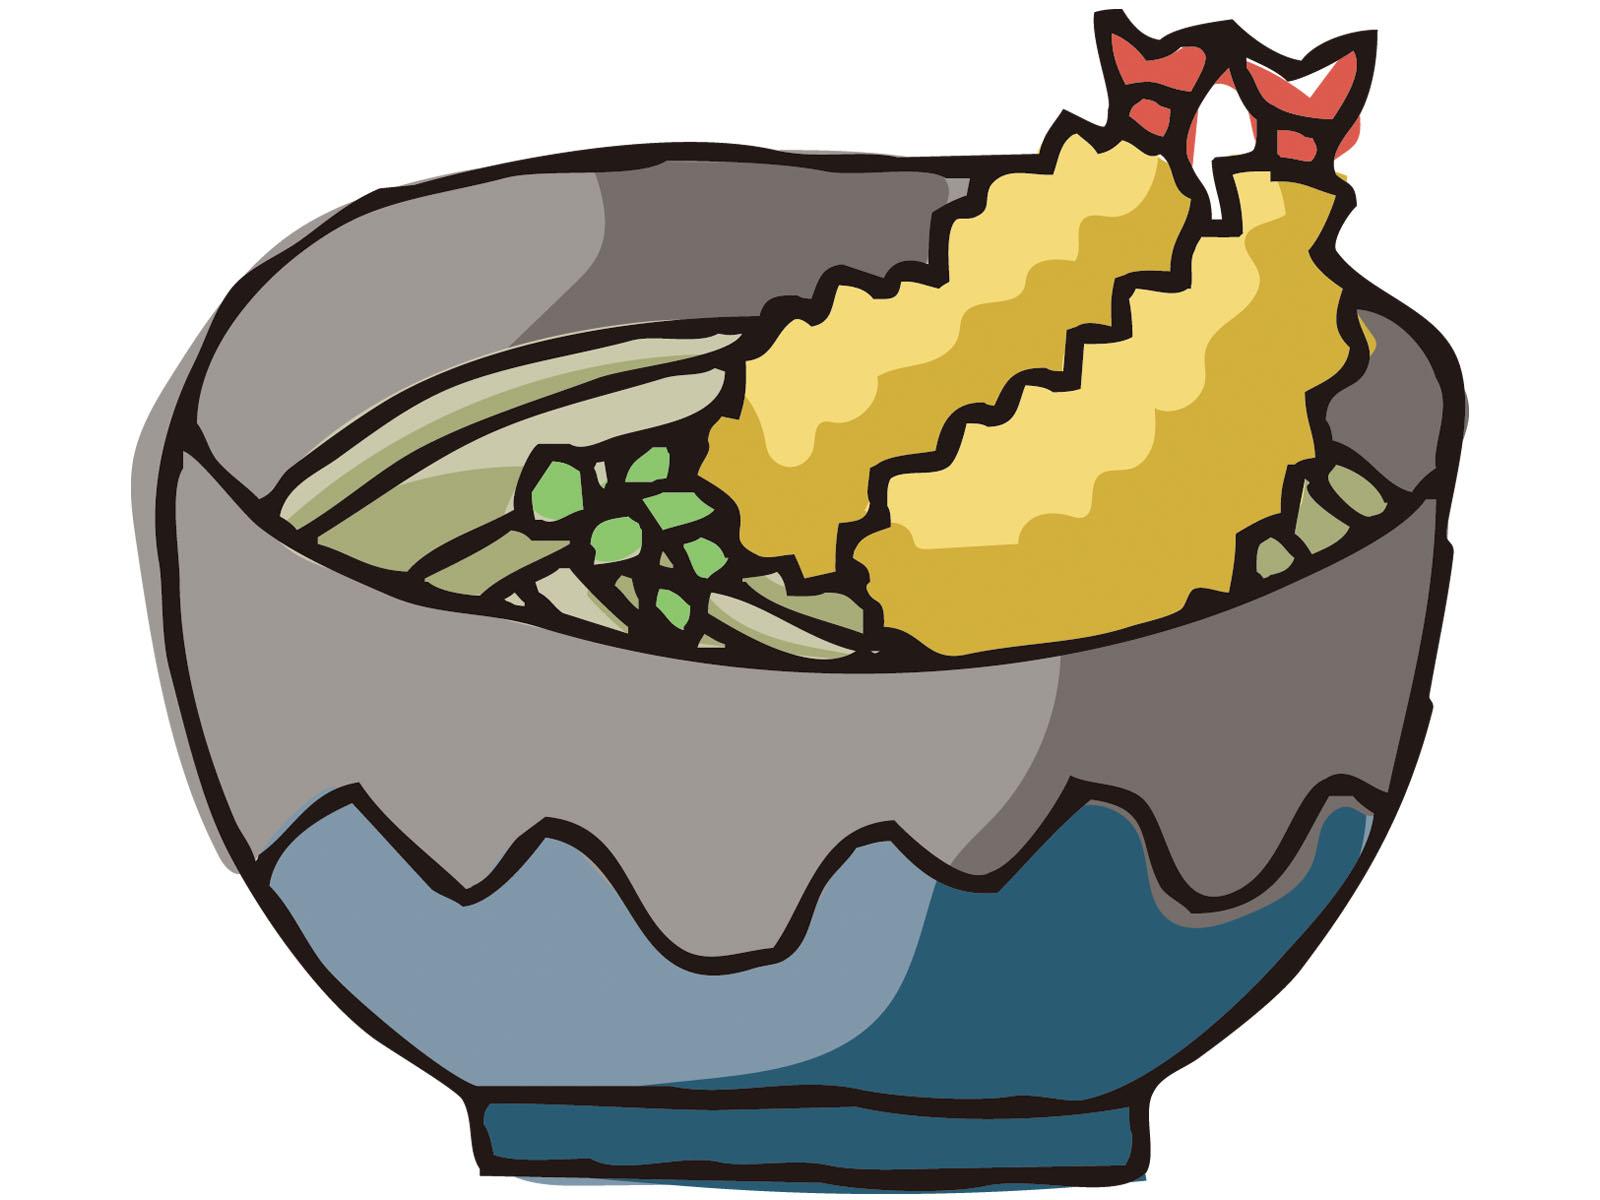 糖質制限食では蕎麦(そば)を食べても大丈夫か